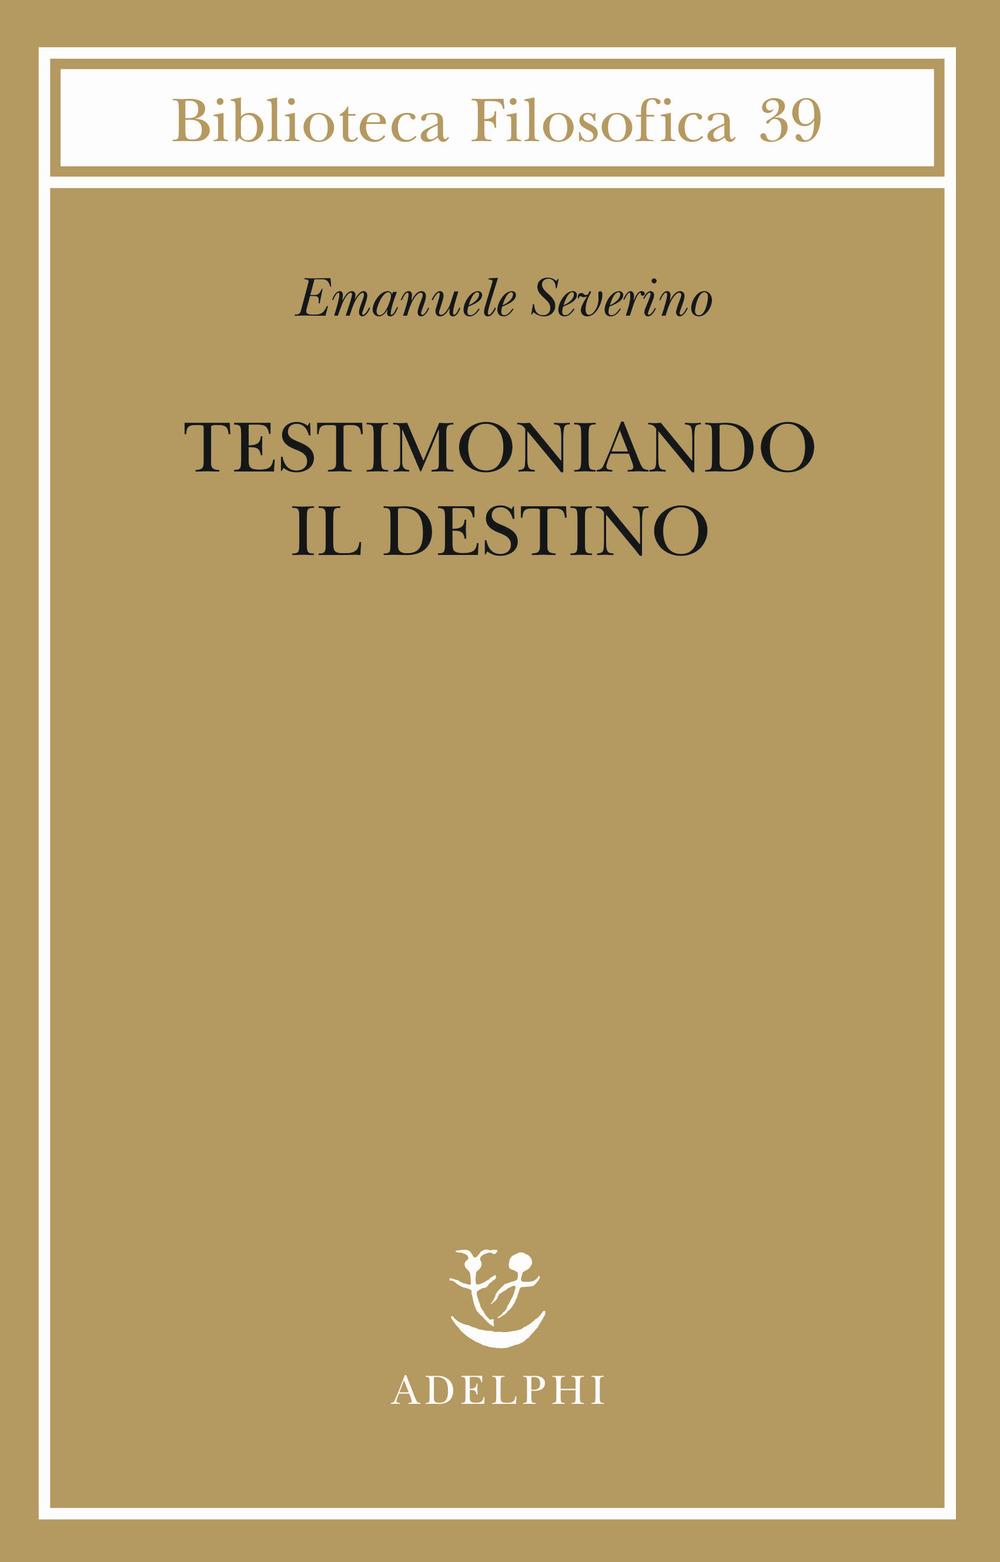 Libri Emanuele Severino - Testimoniando Il Destino NUOVO SIGILLATO, EDIZIONE DEL 17/01/2019 DISPO ENTRO UN MESE, SU ORDINAZIONE